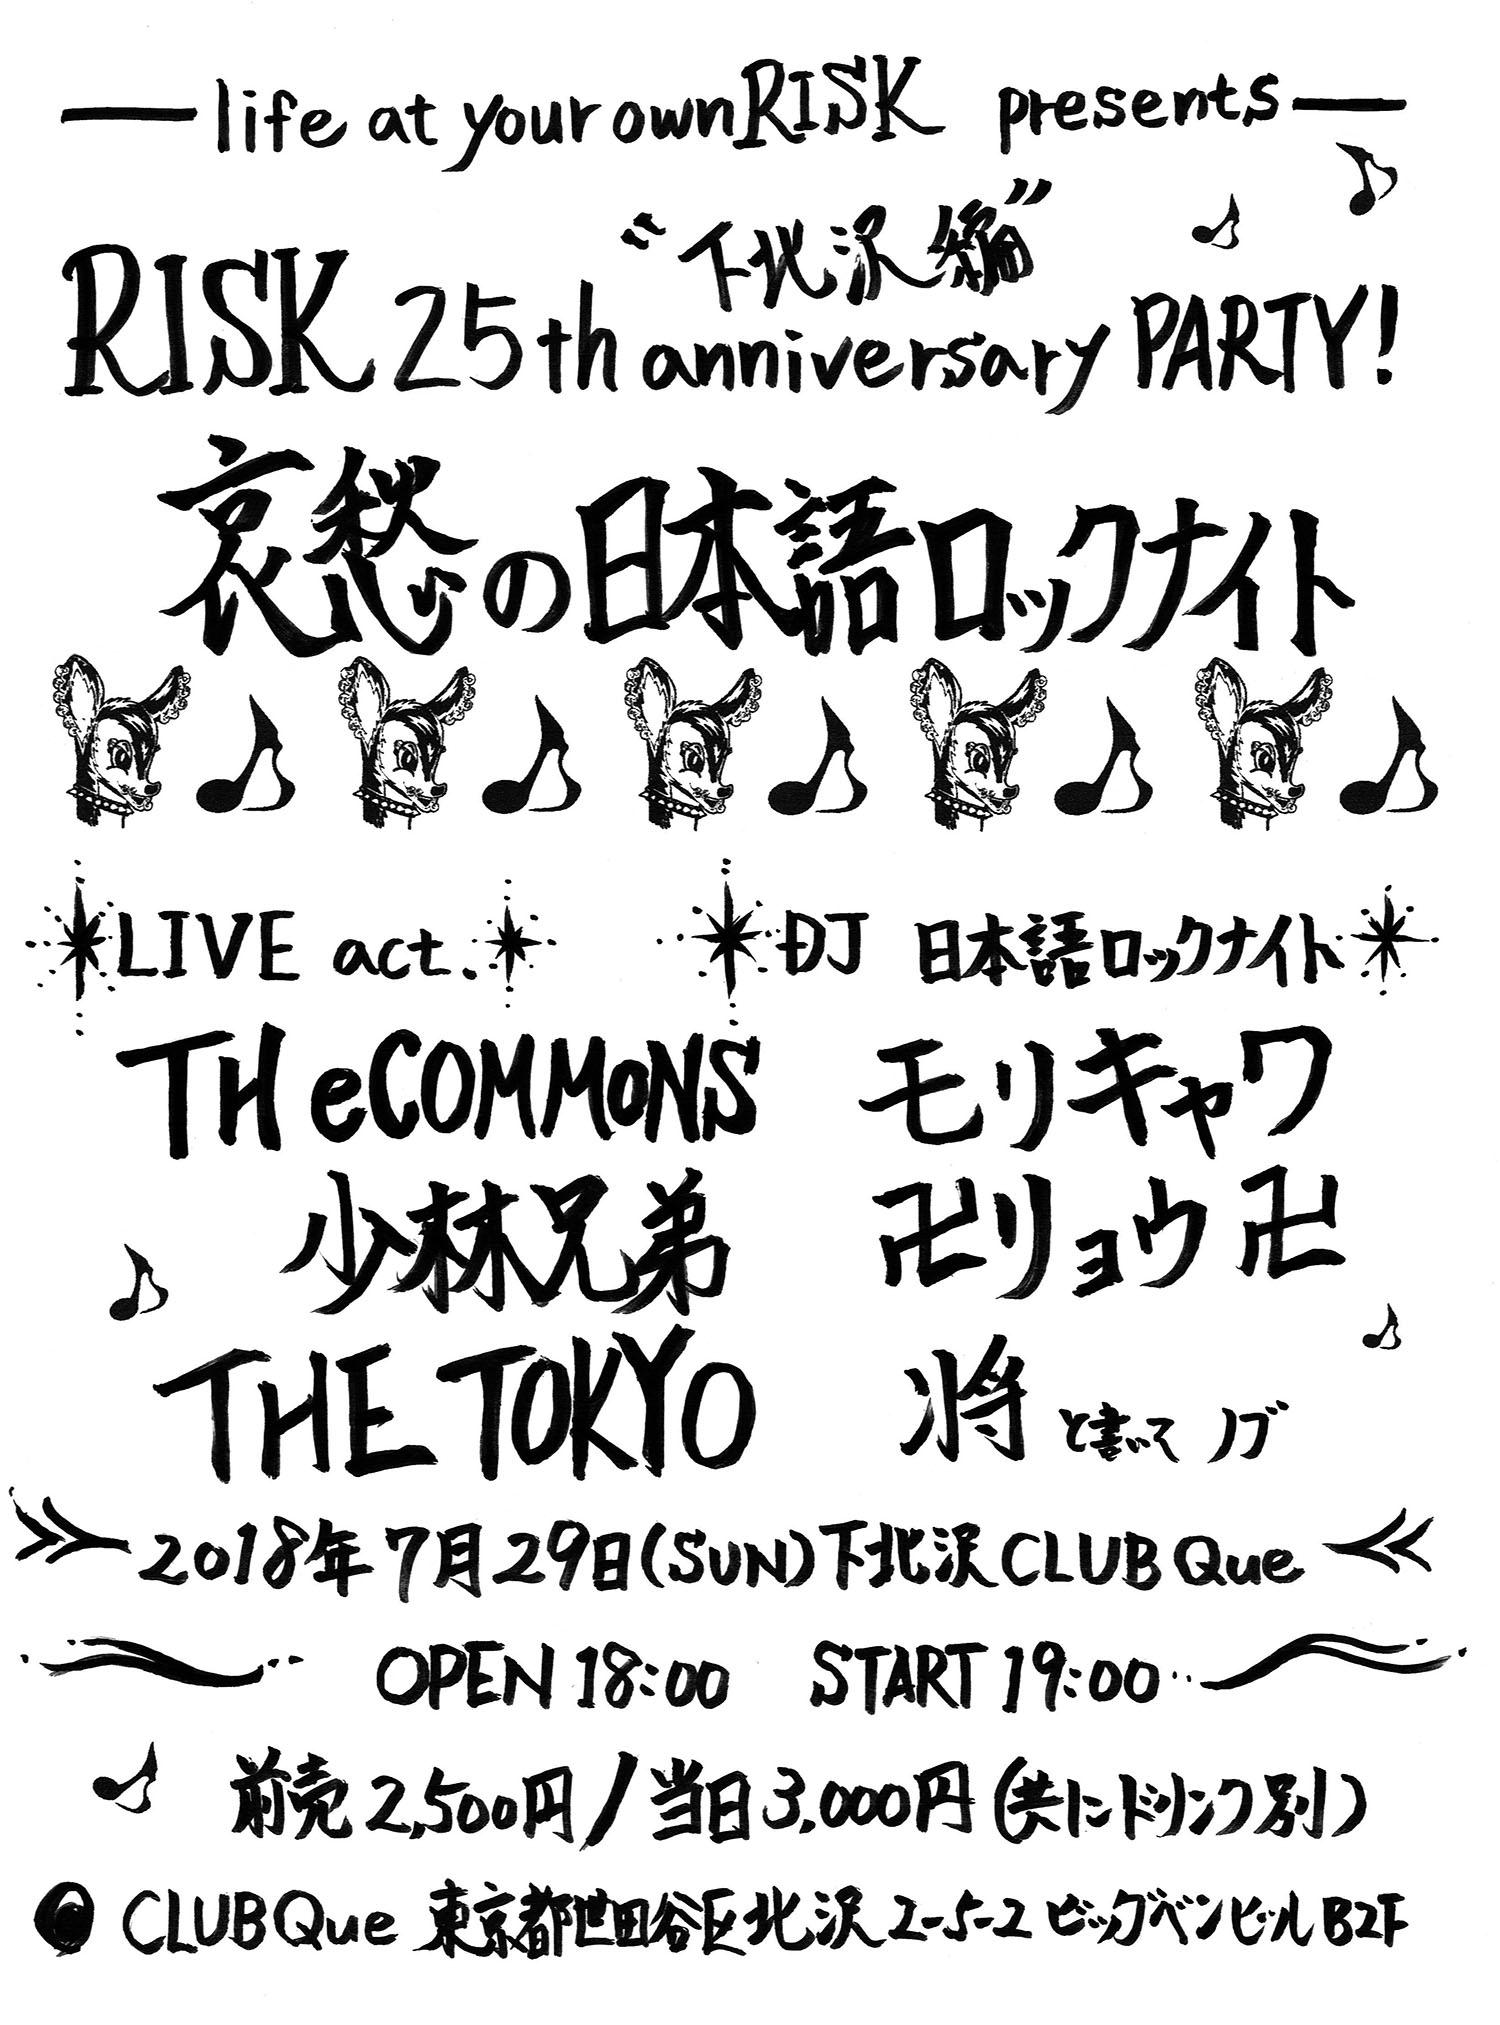 7月29日(日)RISK 25周年パーティー!(タイムテーブル発表)_e0293755_20162858.jpg